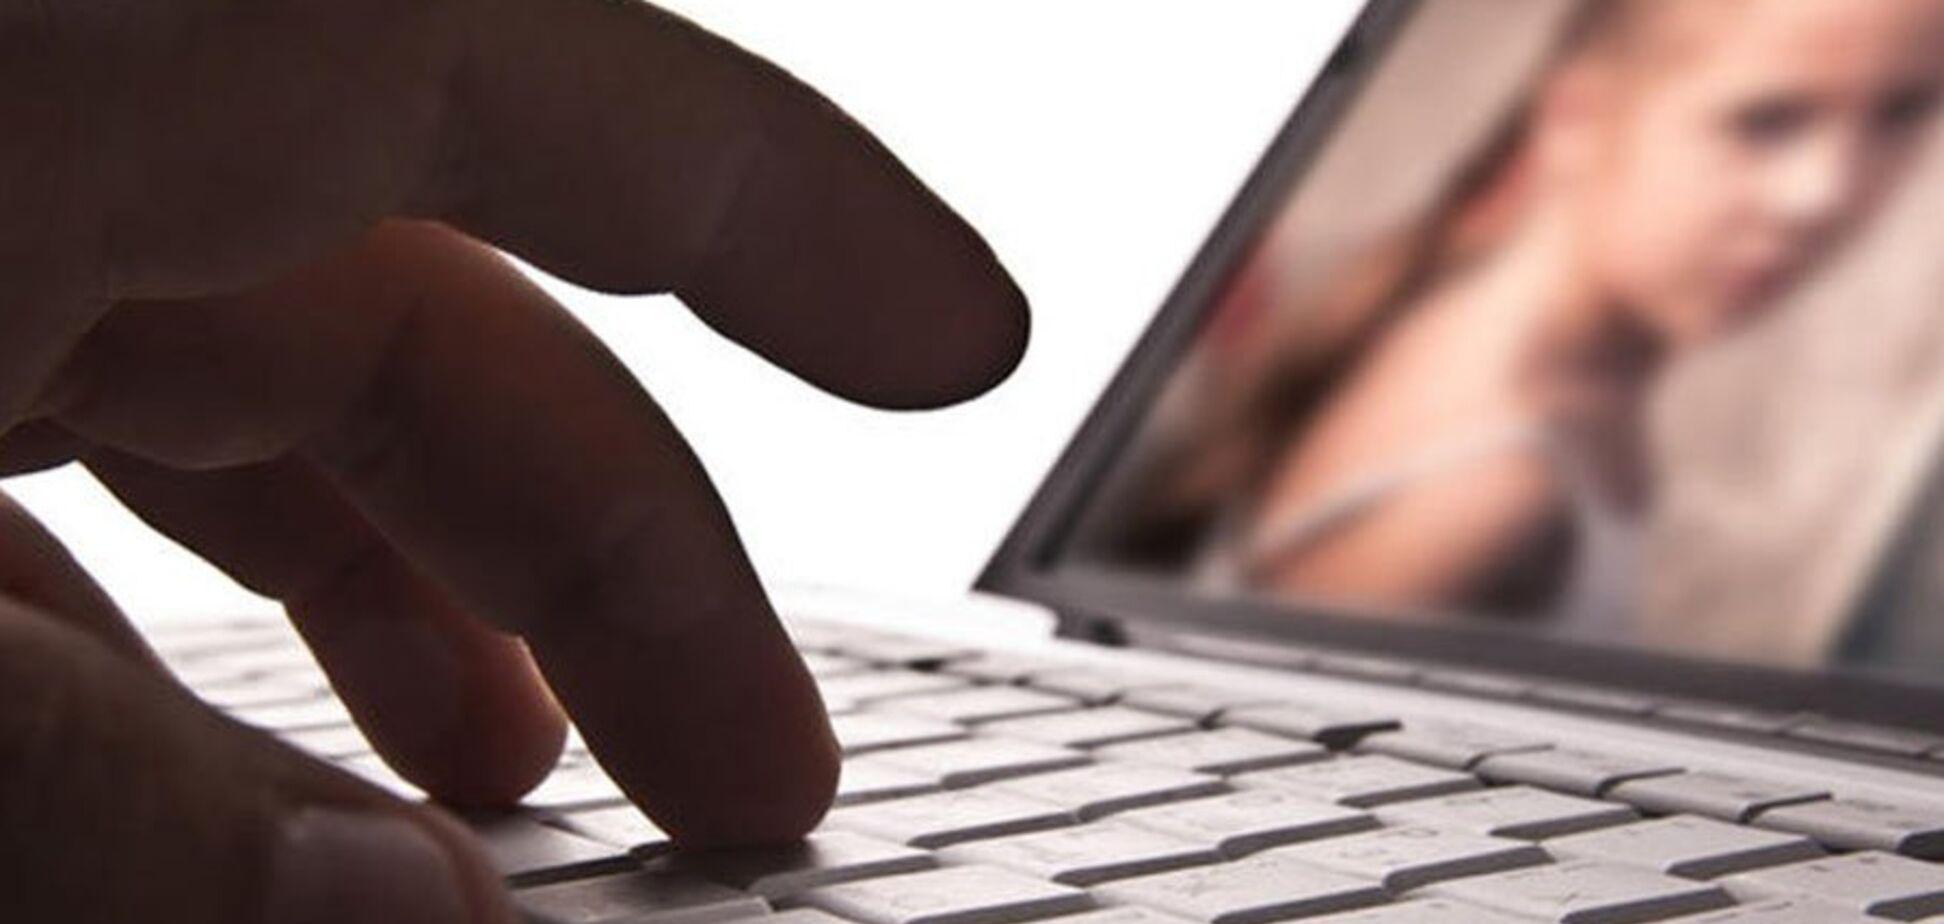 Жители Кривого Рога сливали в сеть детское порно: им грозит 10 лет тюрьмы